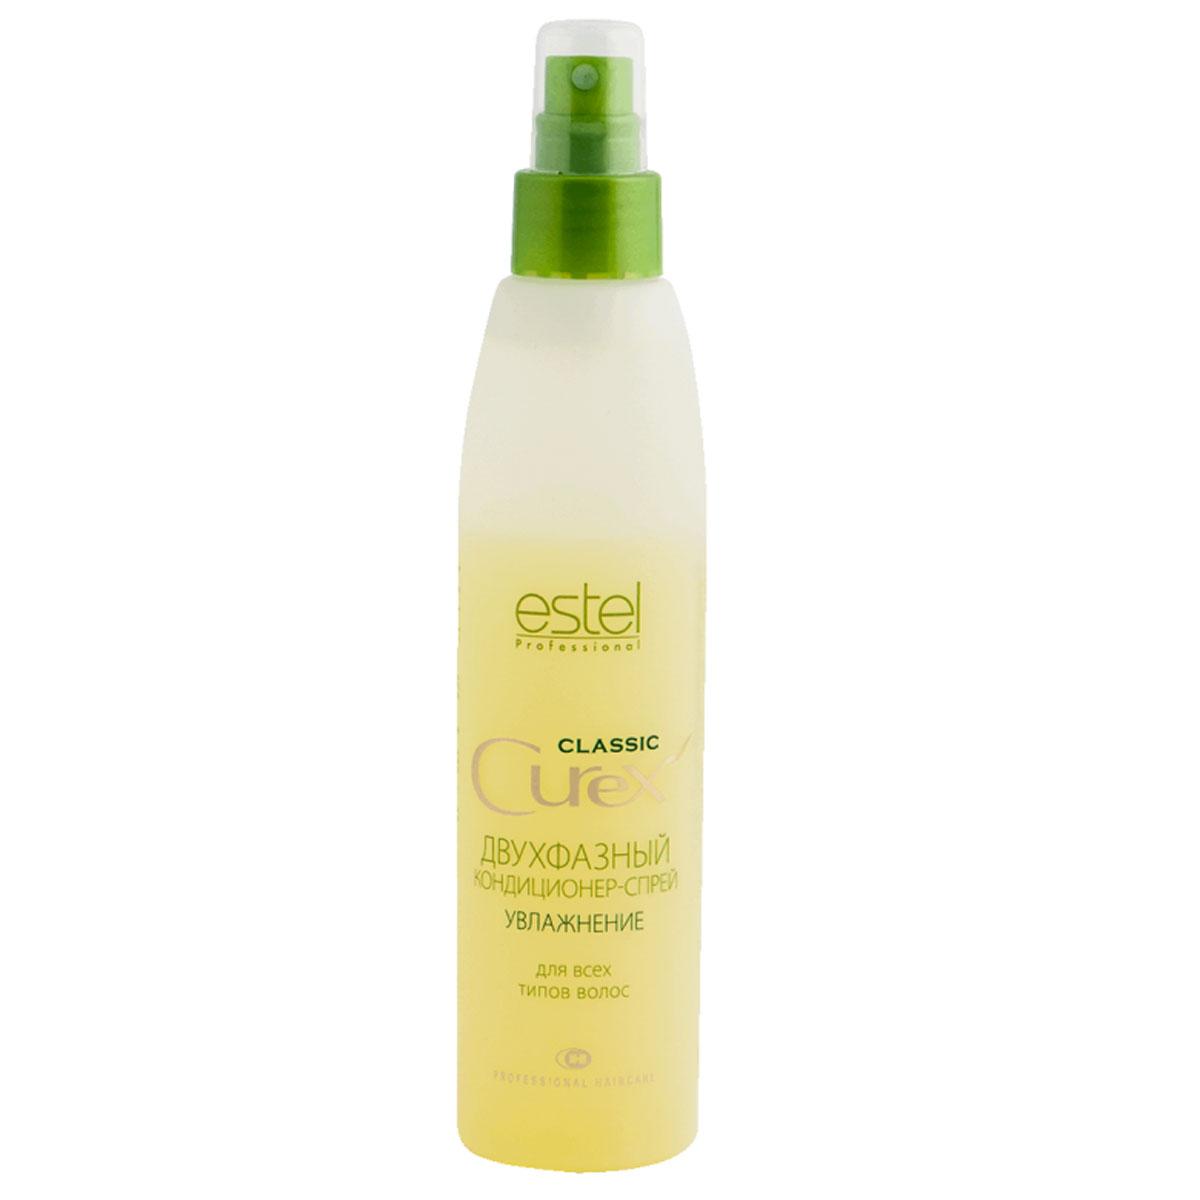 Estel Curex Classic Двухфазный кондиционер-спрей для волос Увлажнение 200 млSatin Hair 7 BR730MNДВУХФАЗНЫЙ КОНДИЦИОНЕР-СПРЕЙ ДЛЯ ВОЛОС «УВЛАЖНЕНИЕ» ESTEL CUREX CLASSICдля всех типов волосДвухфазный кондиционер-спрей интенсивно увлажняет волосы, бережно ухаживает за ними и облегчает расчесывание. Способствует восстановлению структуры волос. Содержит провитамин В5 и силоксаны, придающие волосам сияющий блеск.Результат:Восстановление структурыОблегчение расчесыванияБлеск и сияние